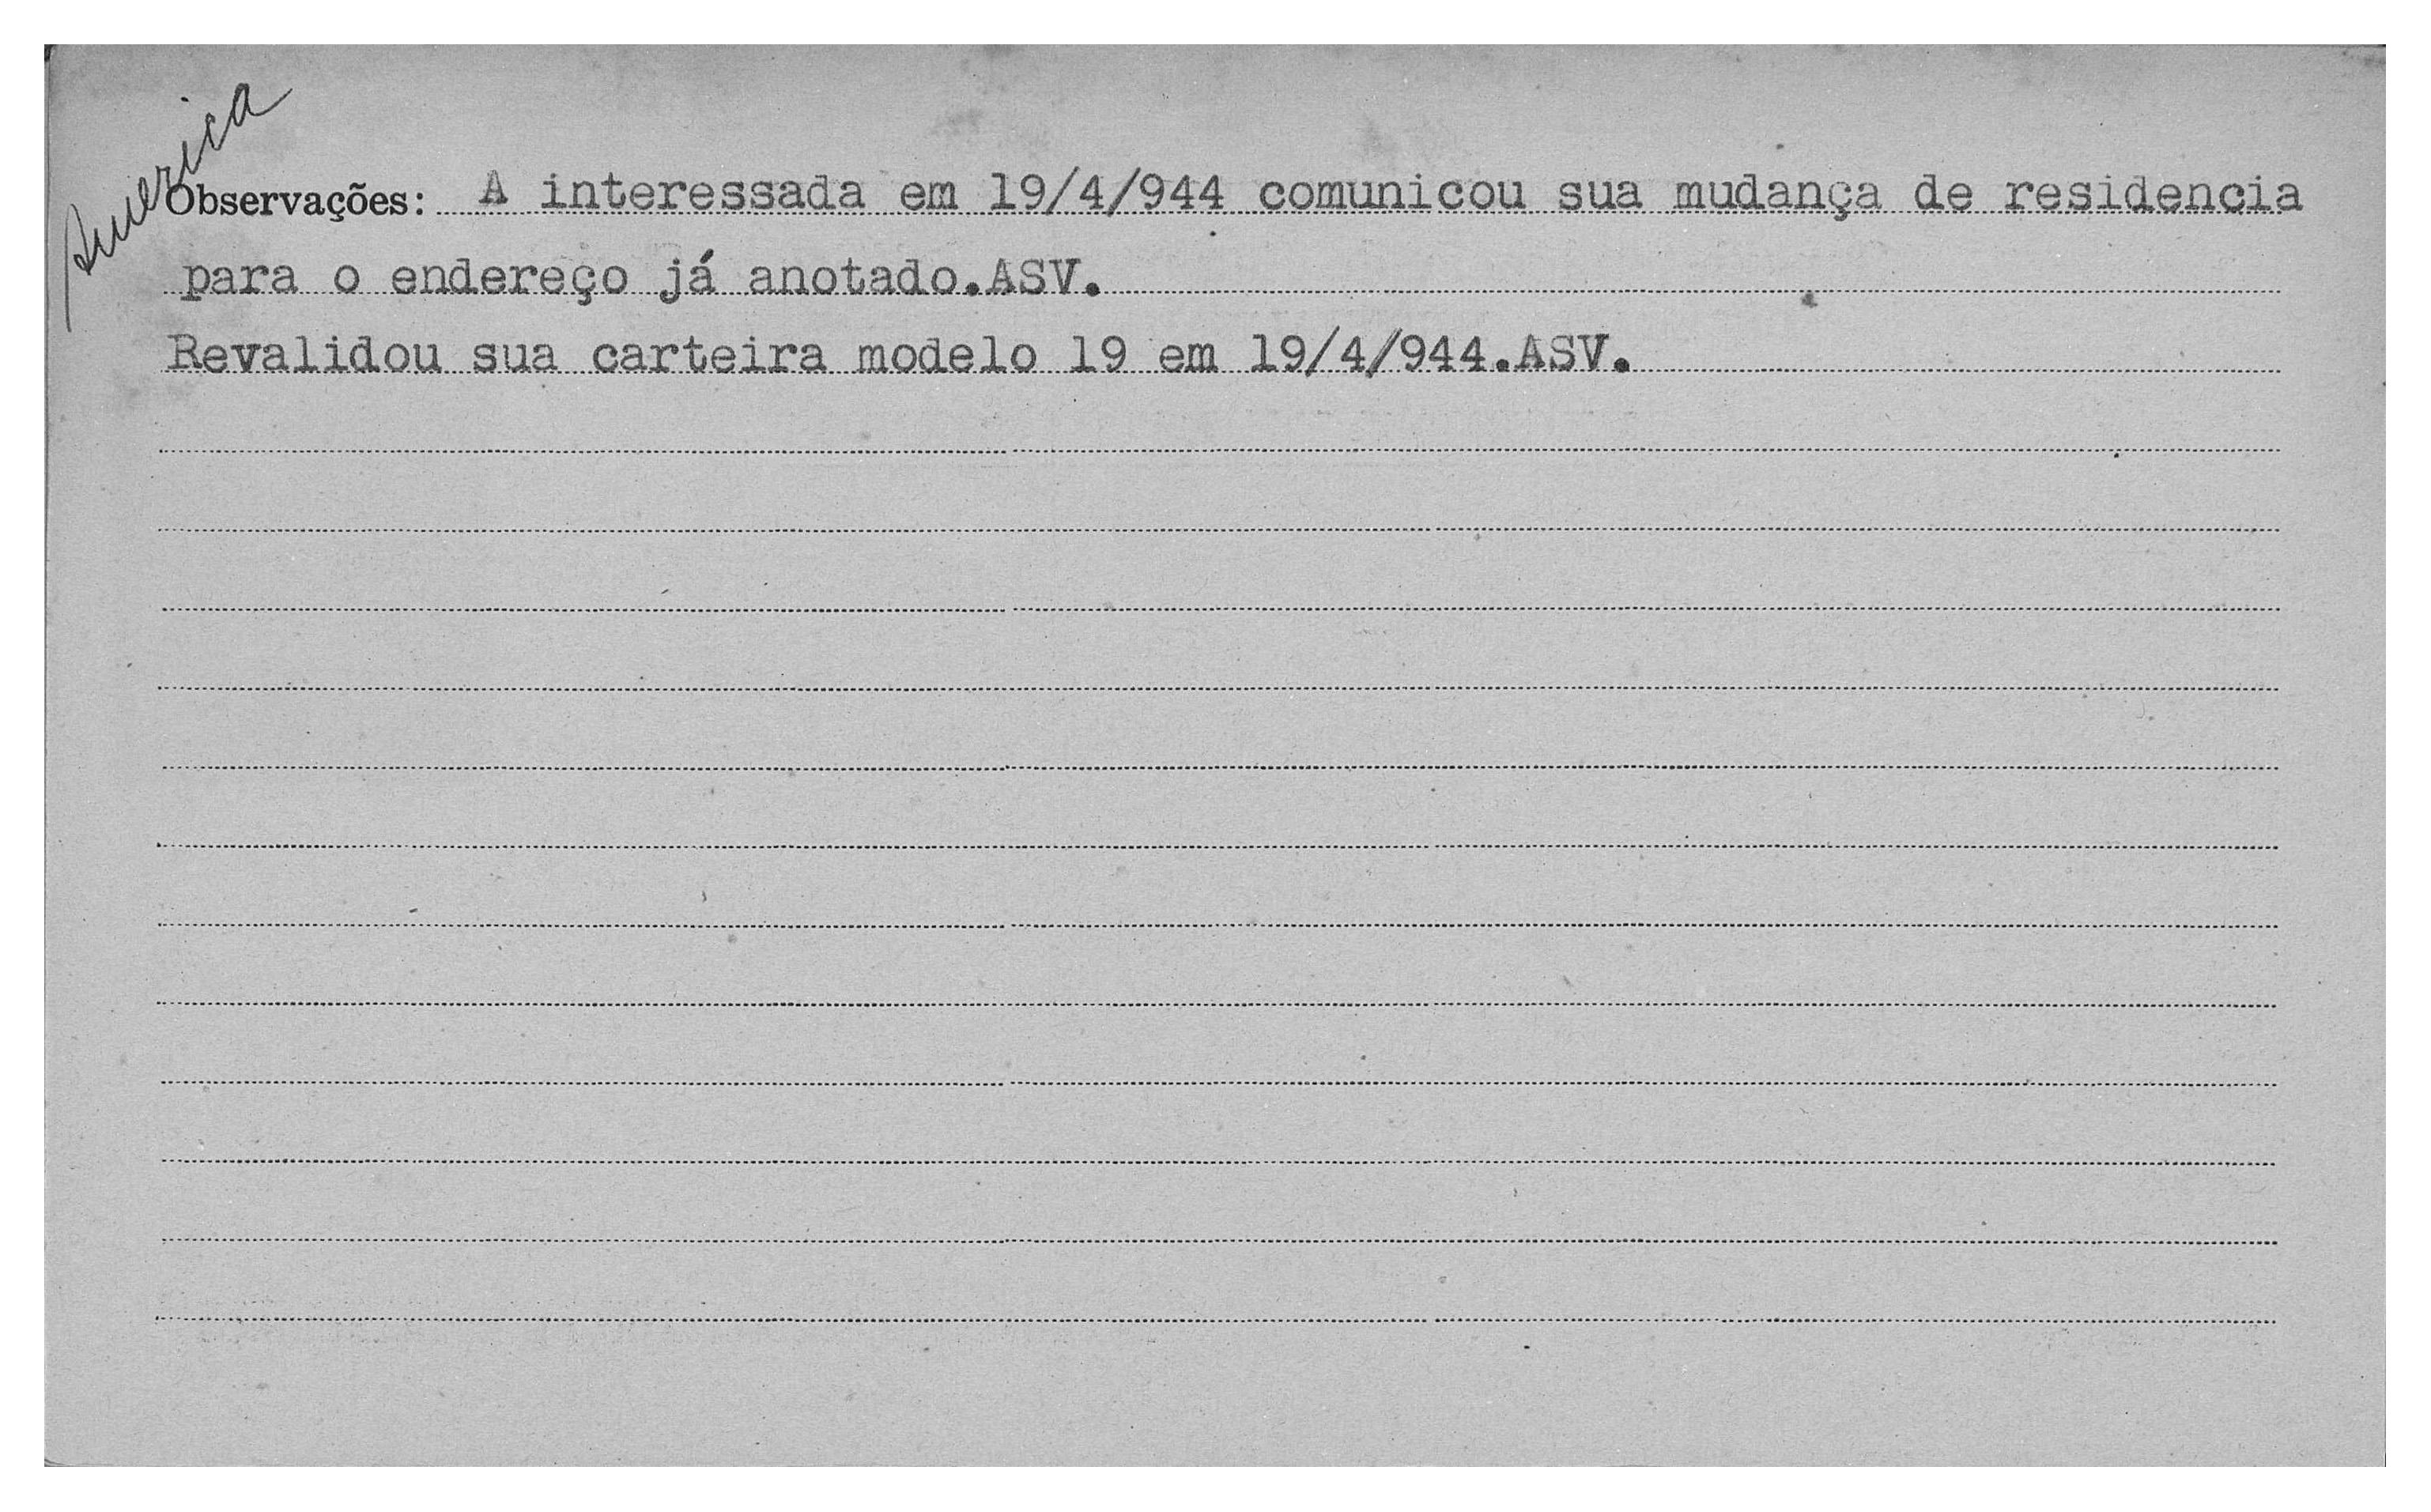 Palmira-1944-04-registro-de-estrangeiro-SP-02-copy.jpg